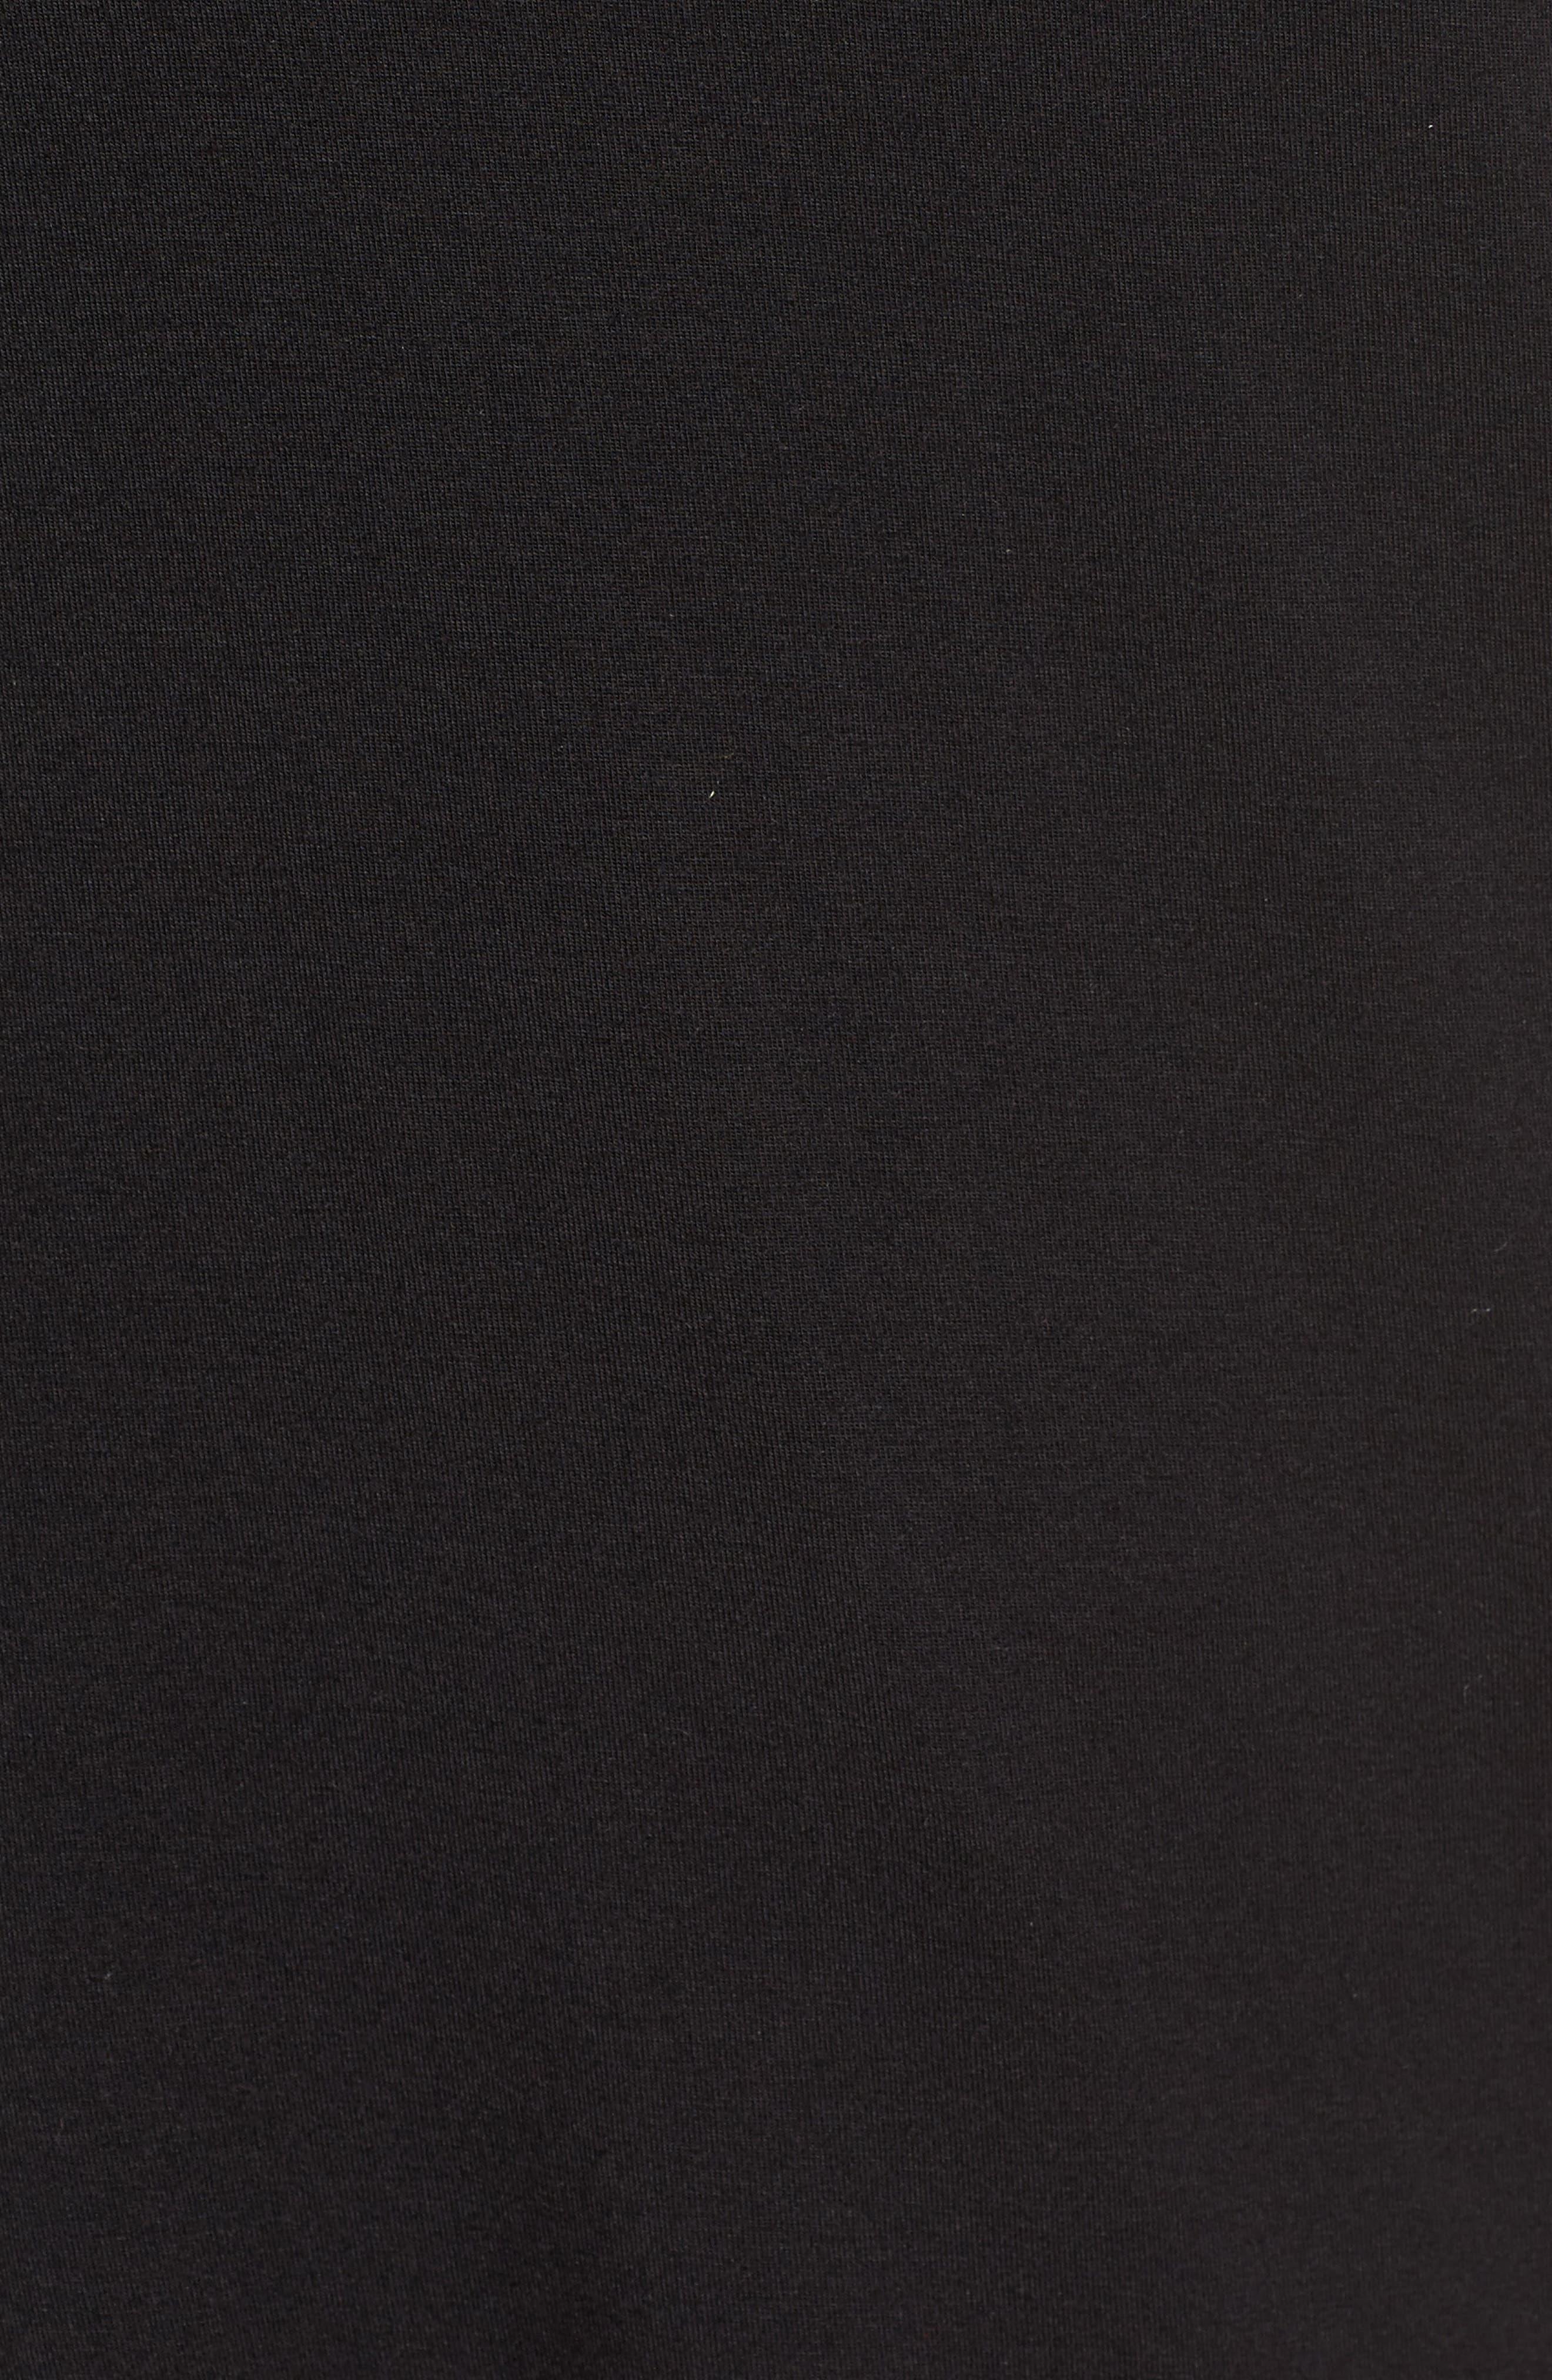 V-Neck Tunic Tee,                             Alternate thumbnail 5, color,                             Black